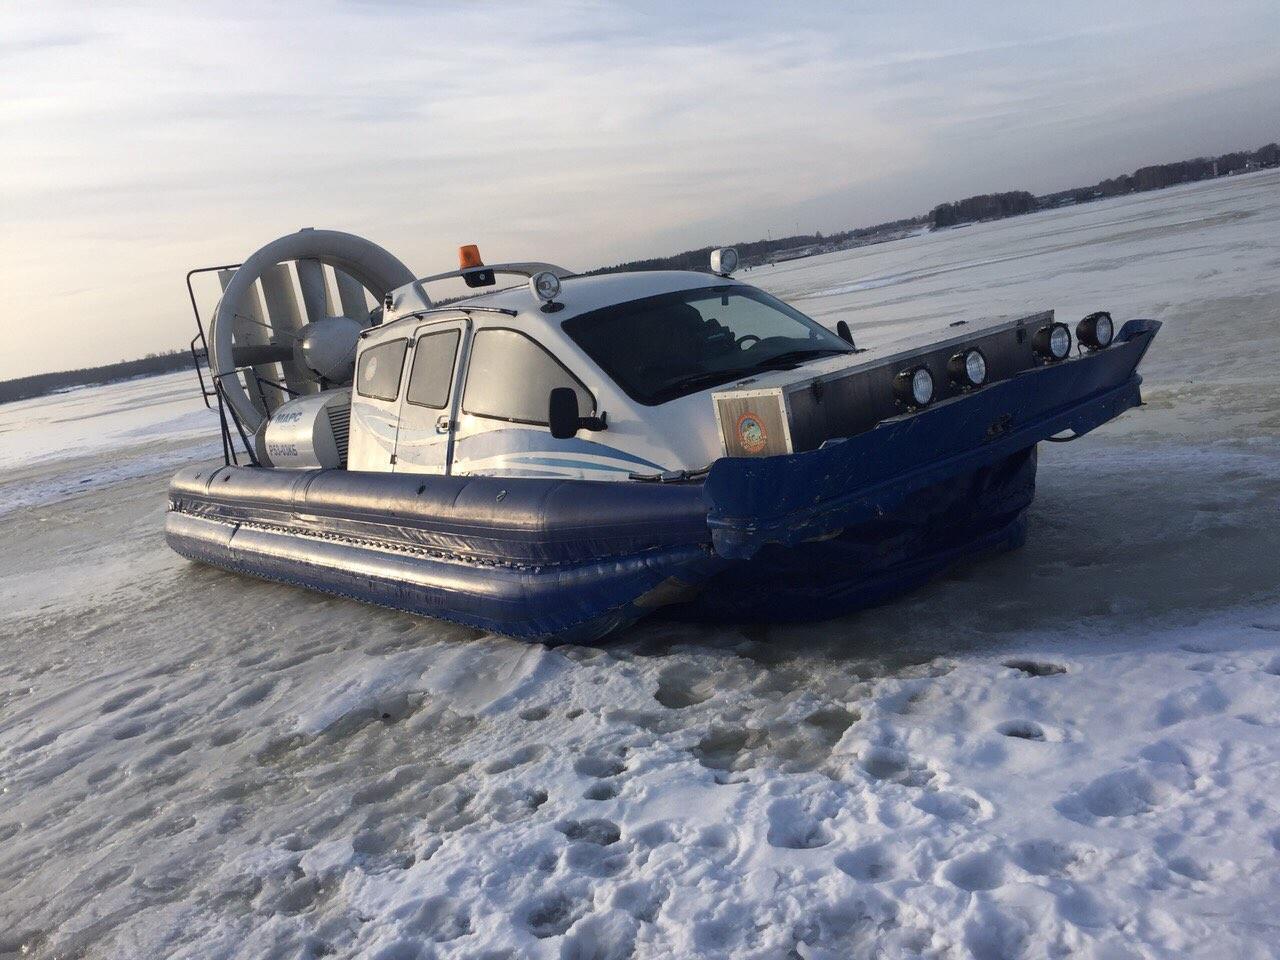 в тепле рыбалка охота и отдых рыболовная база Черкасово рыбинское водохранилище  - довезем в тепле даже зимой